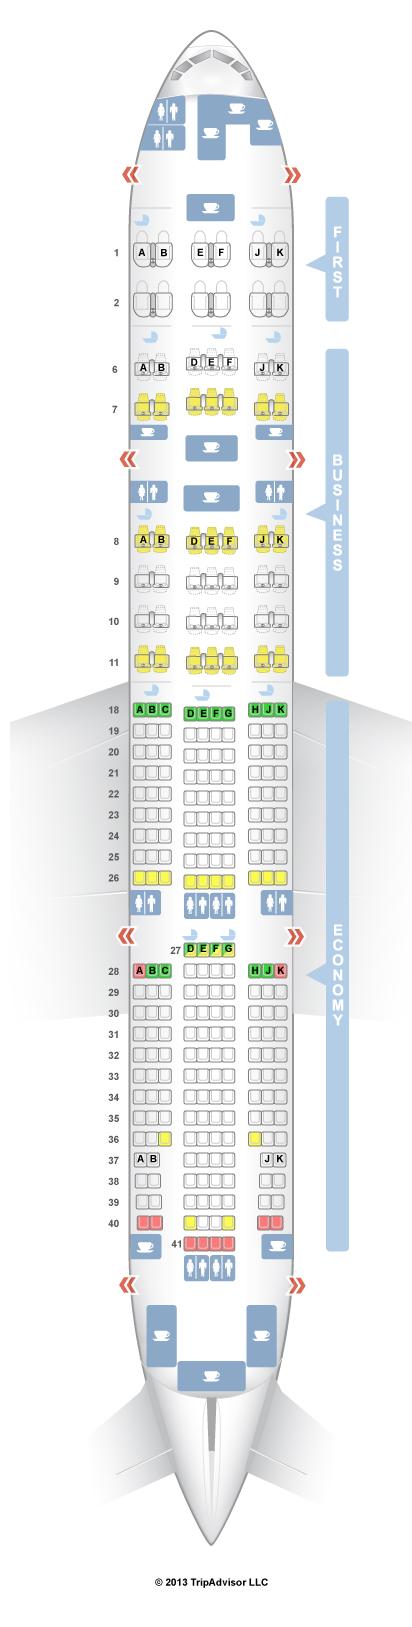 Condor seatguru Boeing 767